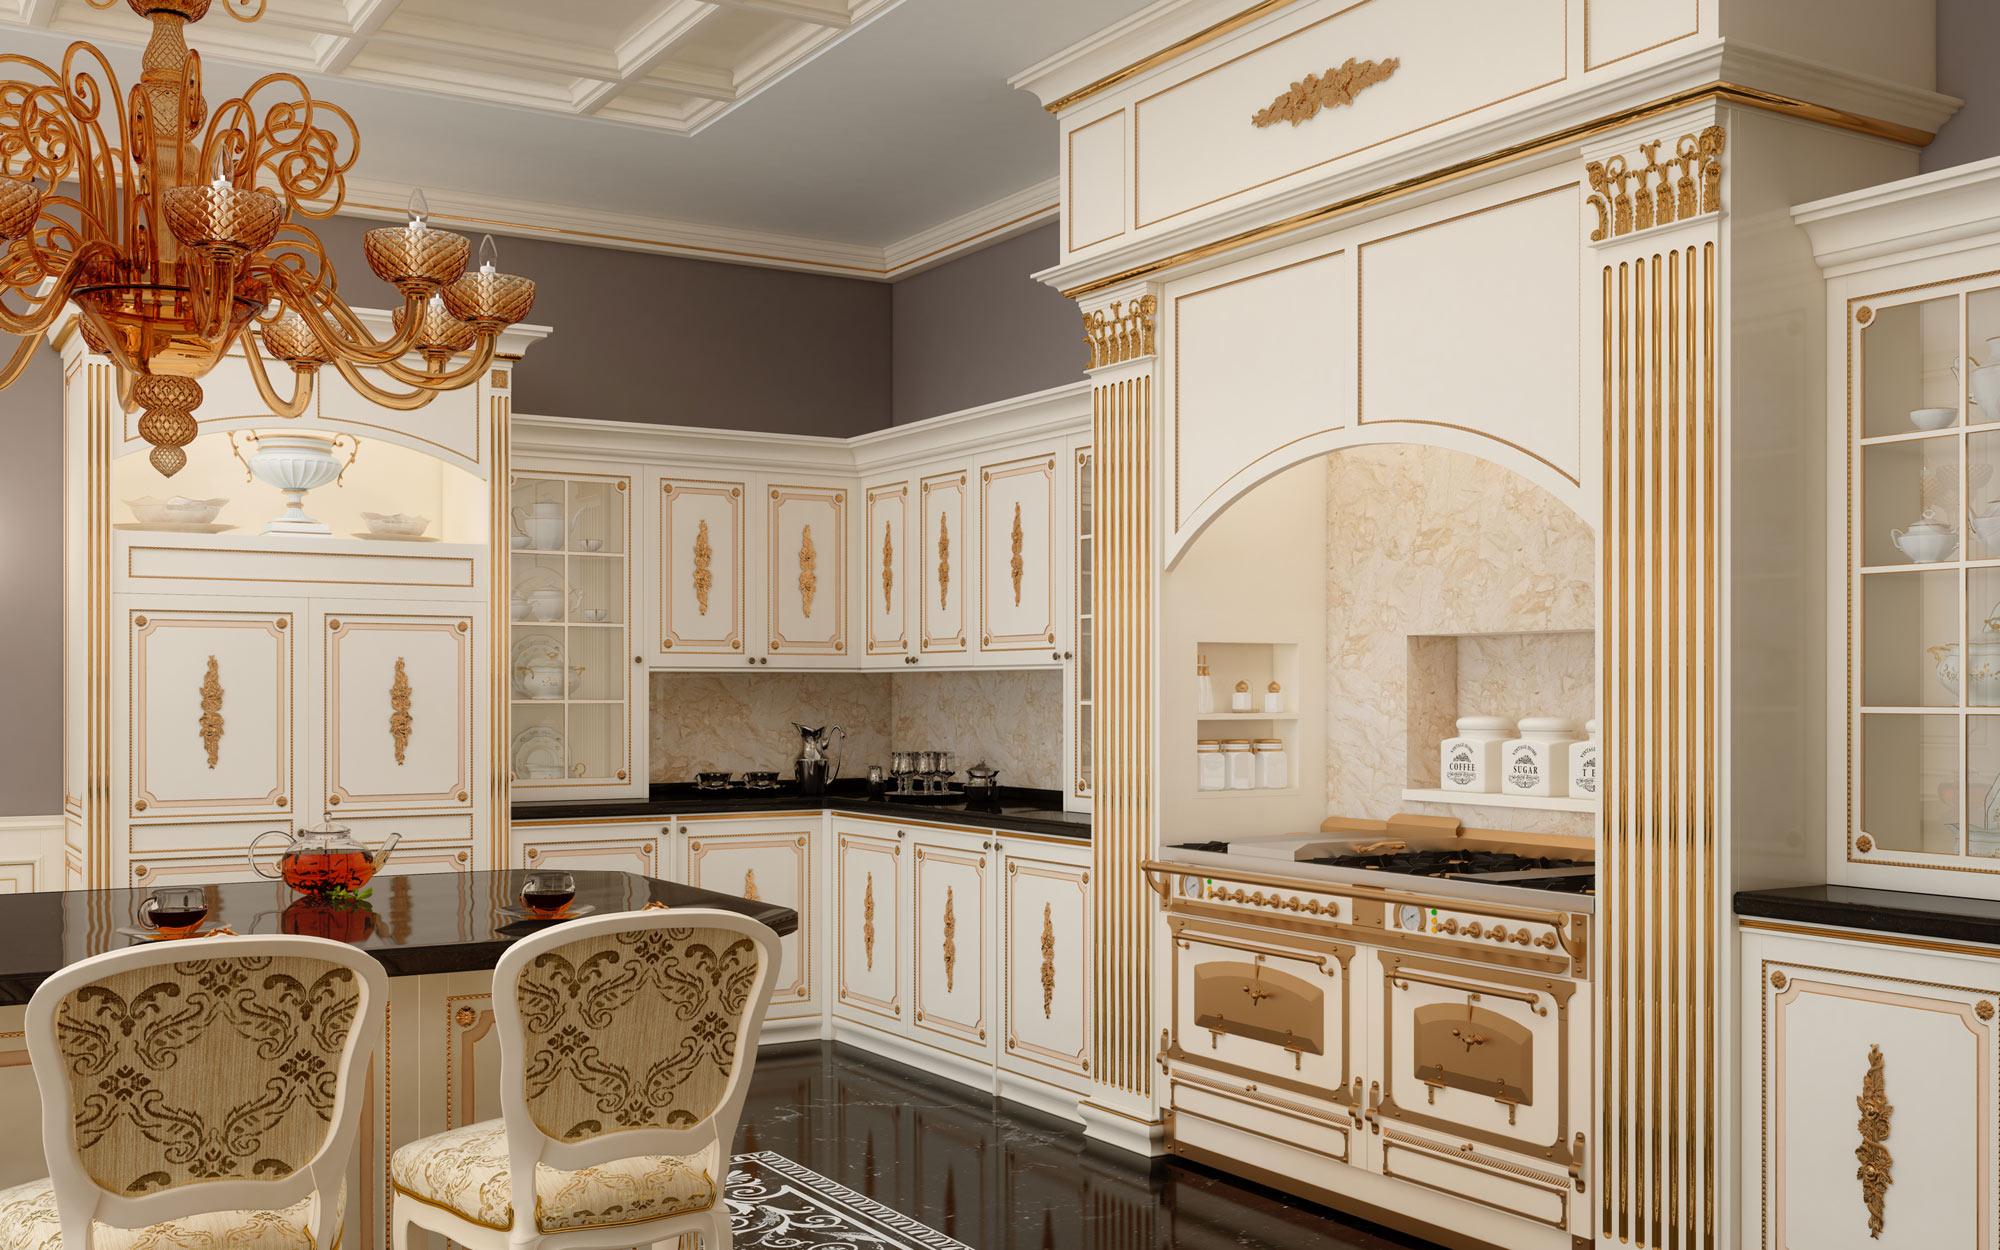 Cucine classiche su misura il lusso entra in cucina for Immagini per cucina